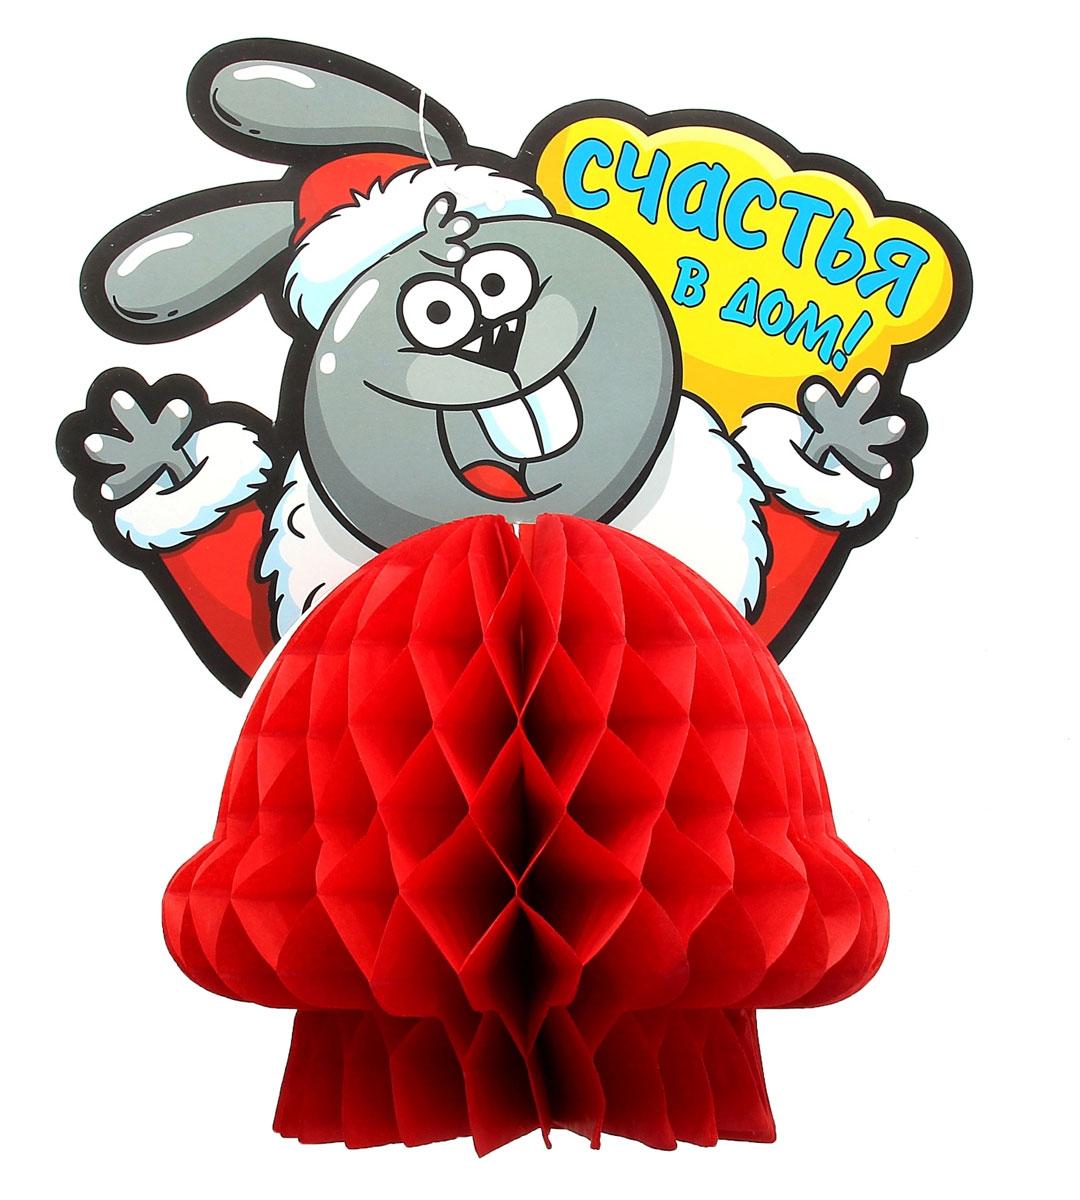 Новогоднее подвесное украшение Sima-land Счастья в дом!, с гофрированной фигуркой, 23,5 х 30,5 х 18 см украшение новогоднее оконное magic time дед мороз с самоваром двустороннее 30 х 32 см